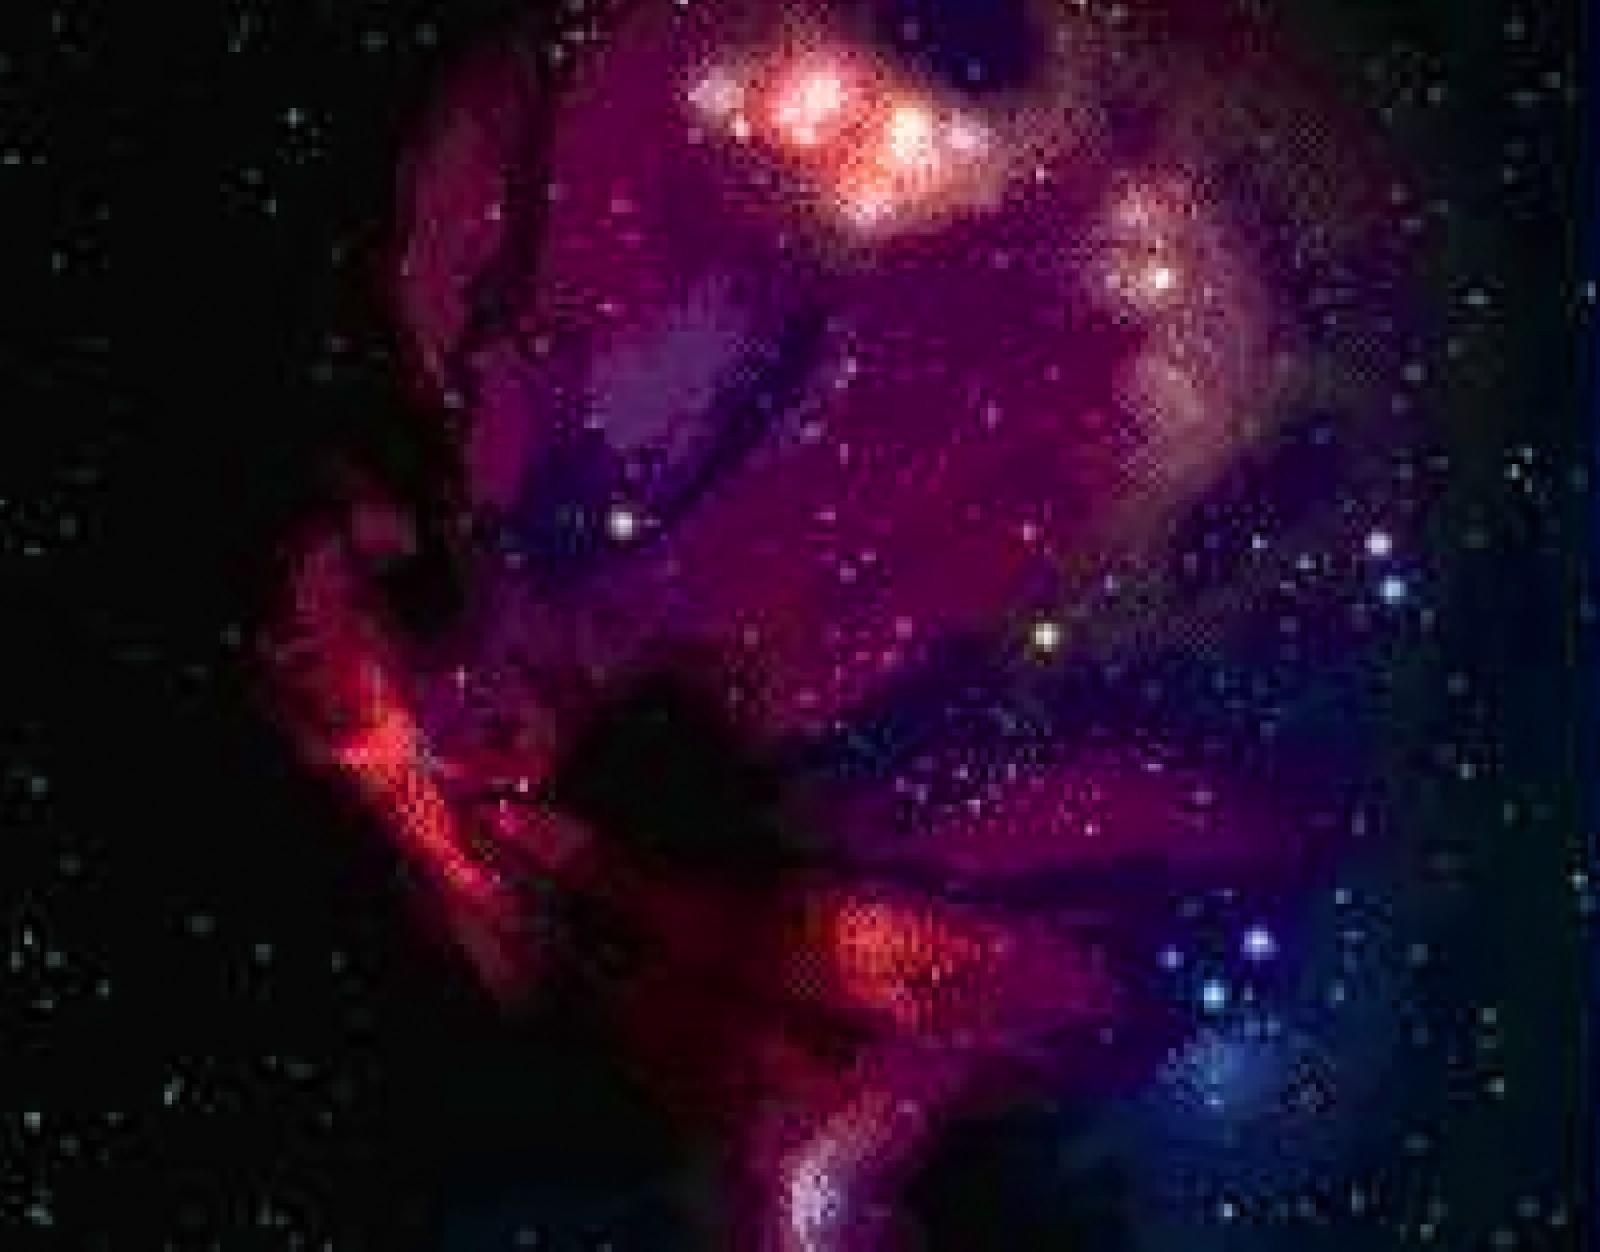 File:Abyss nebula.jpg